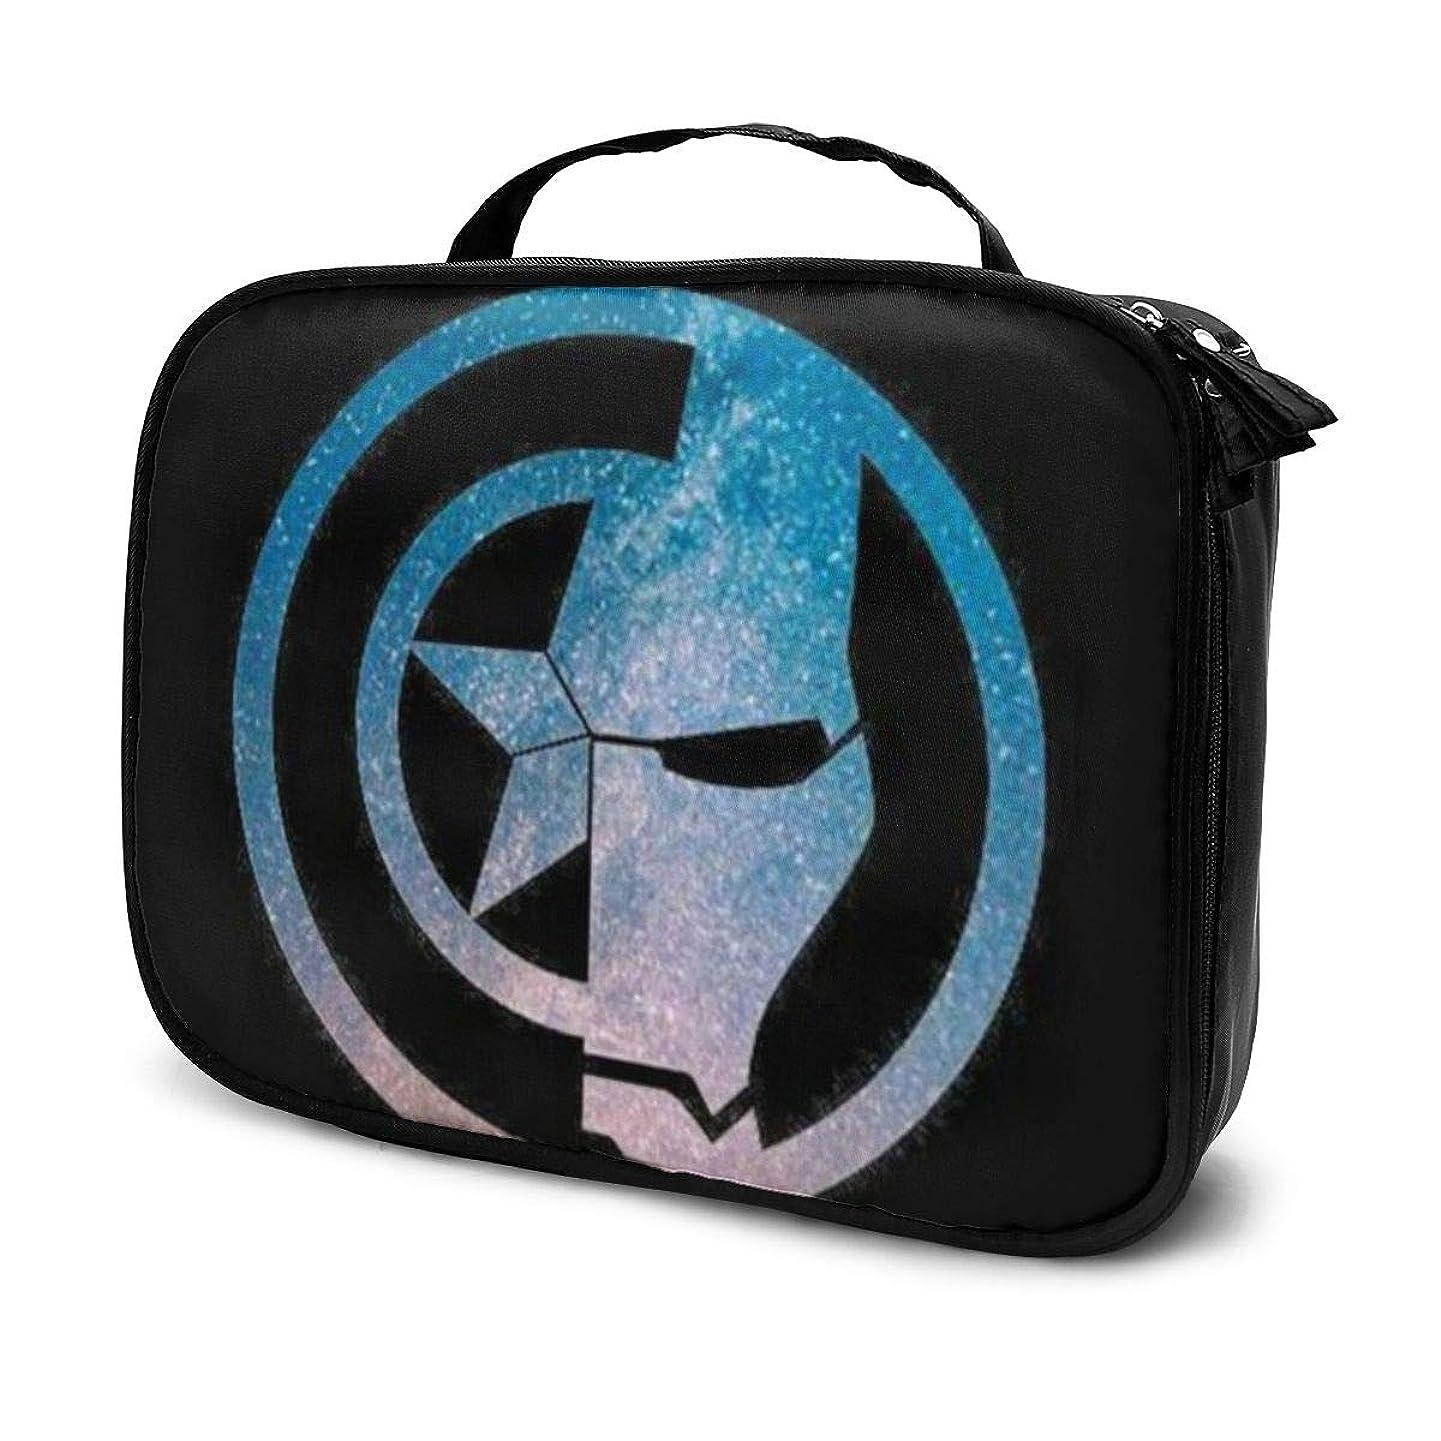 選択する連隊混合Daituキャプテン?アメリカとアイアンマン 化粧品袋の女性旅行バッグ収納大容量防水アクセサリー旅行